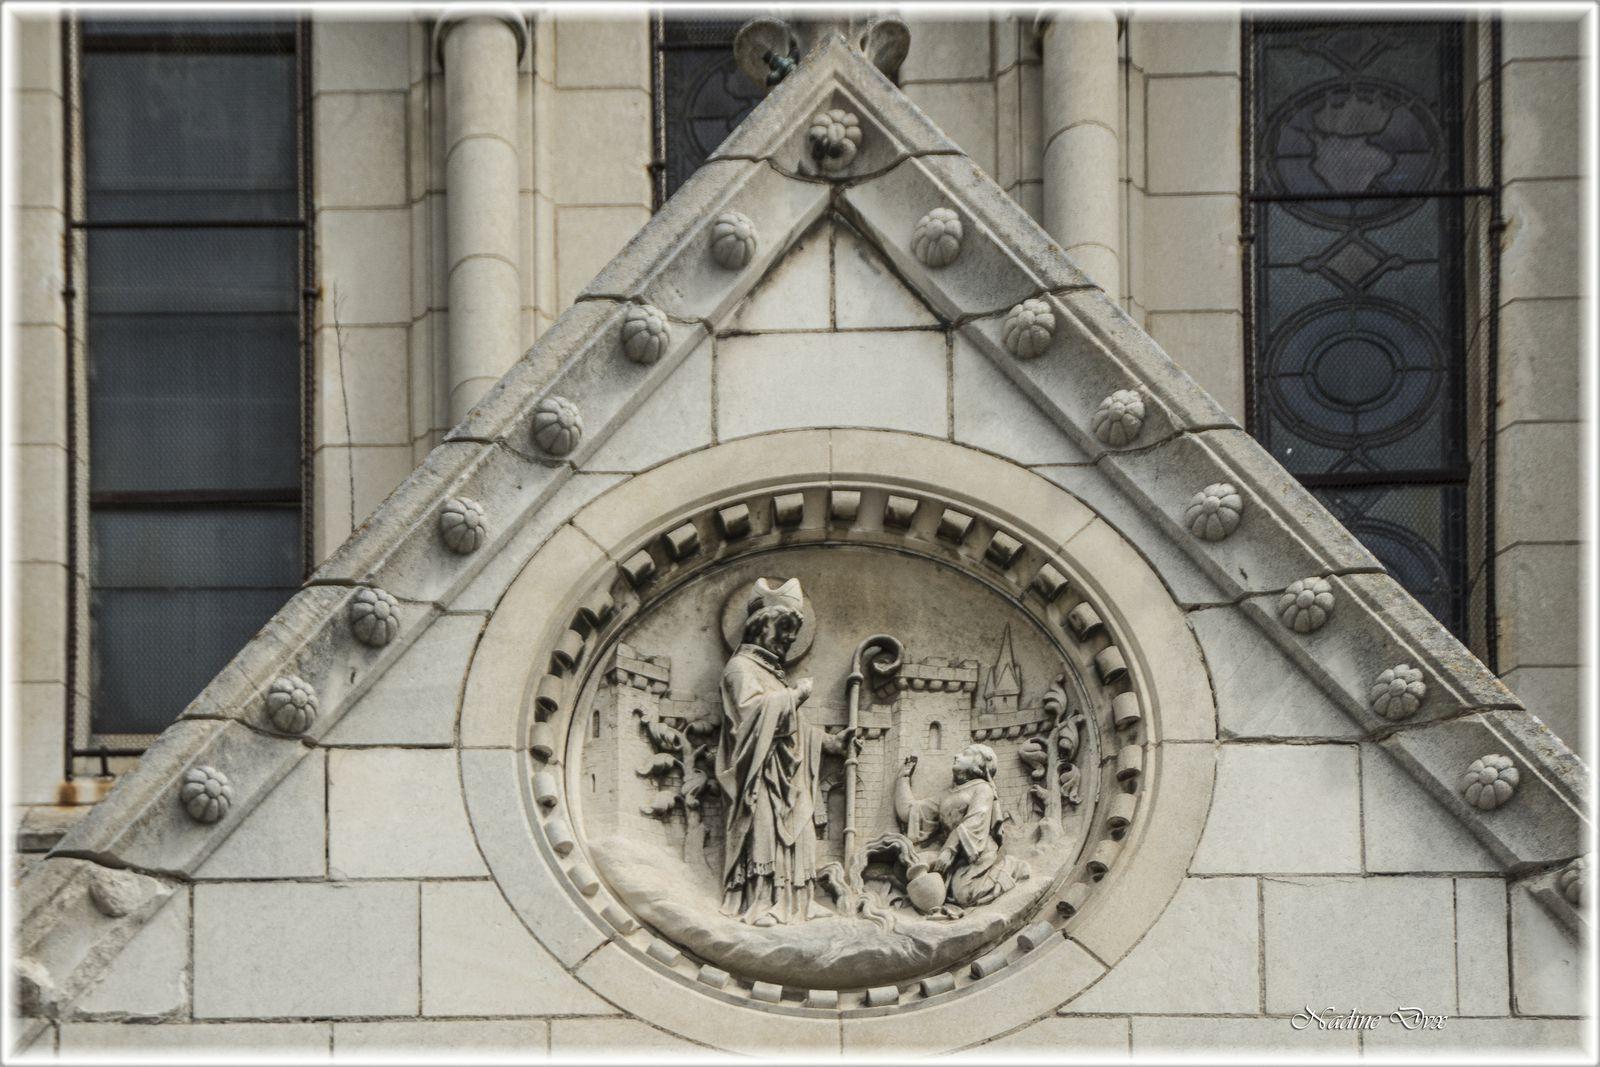 Extérieur de l'église Notre-Dame-du-Pré - Le Mans